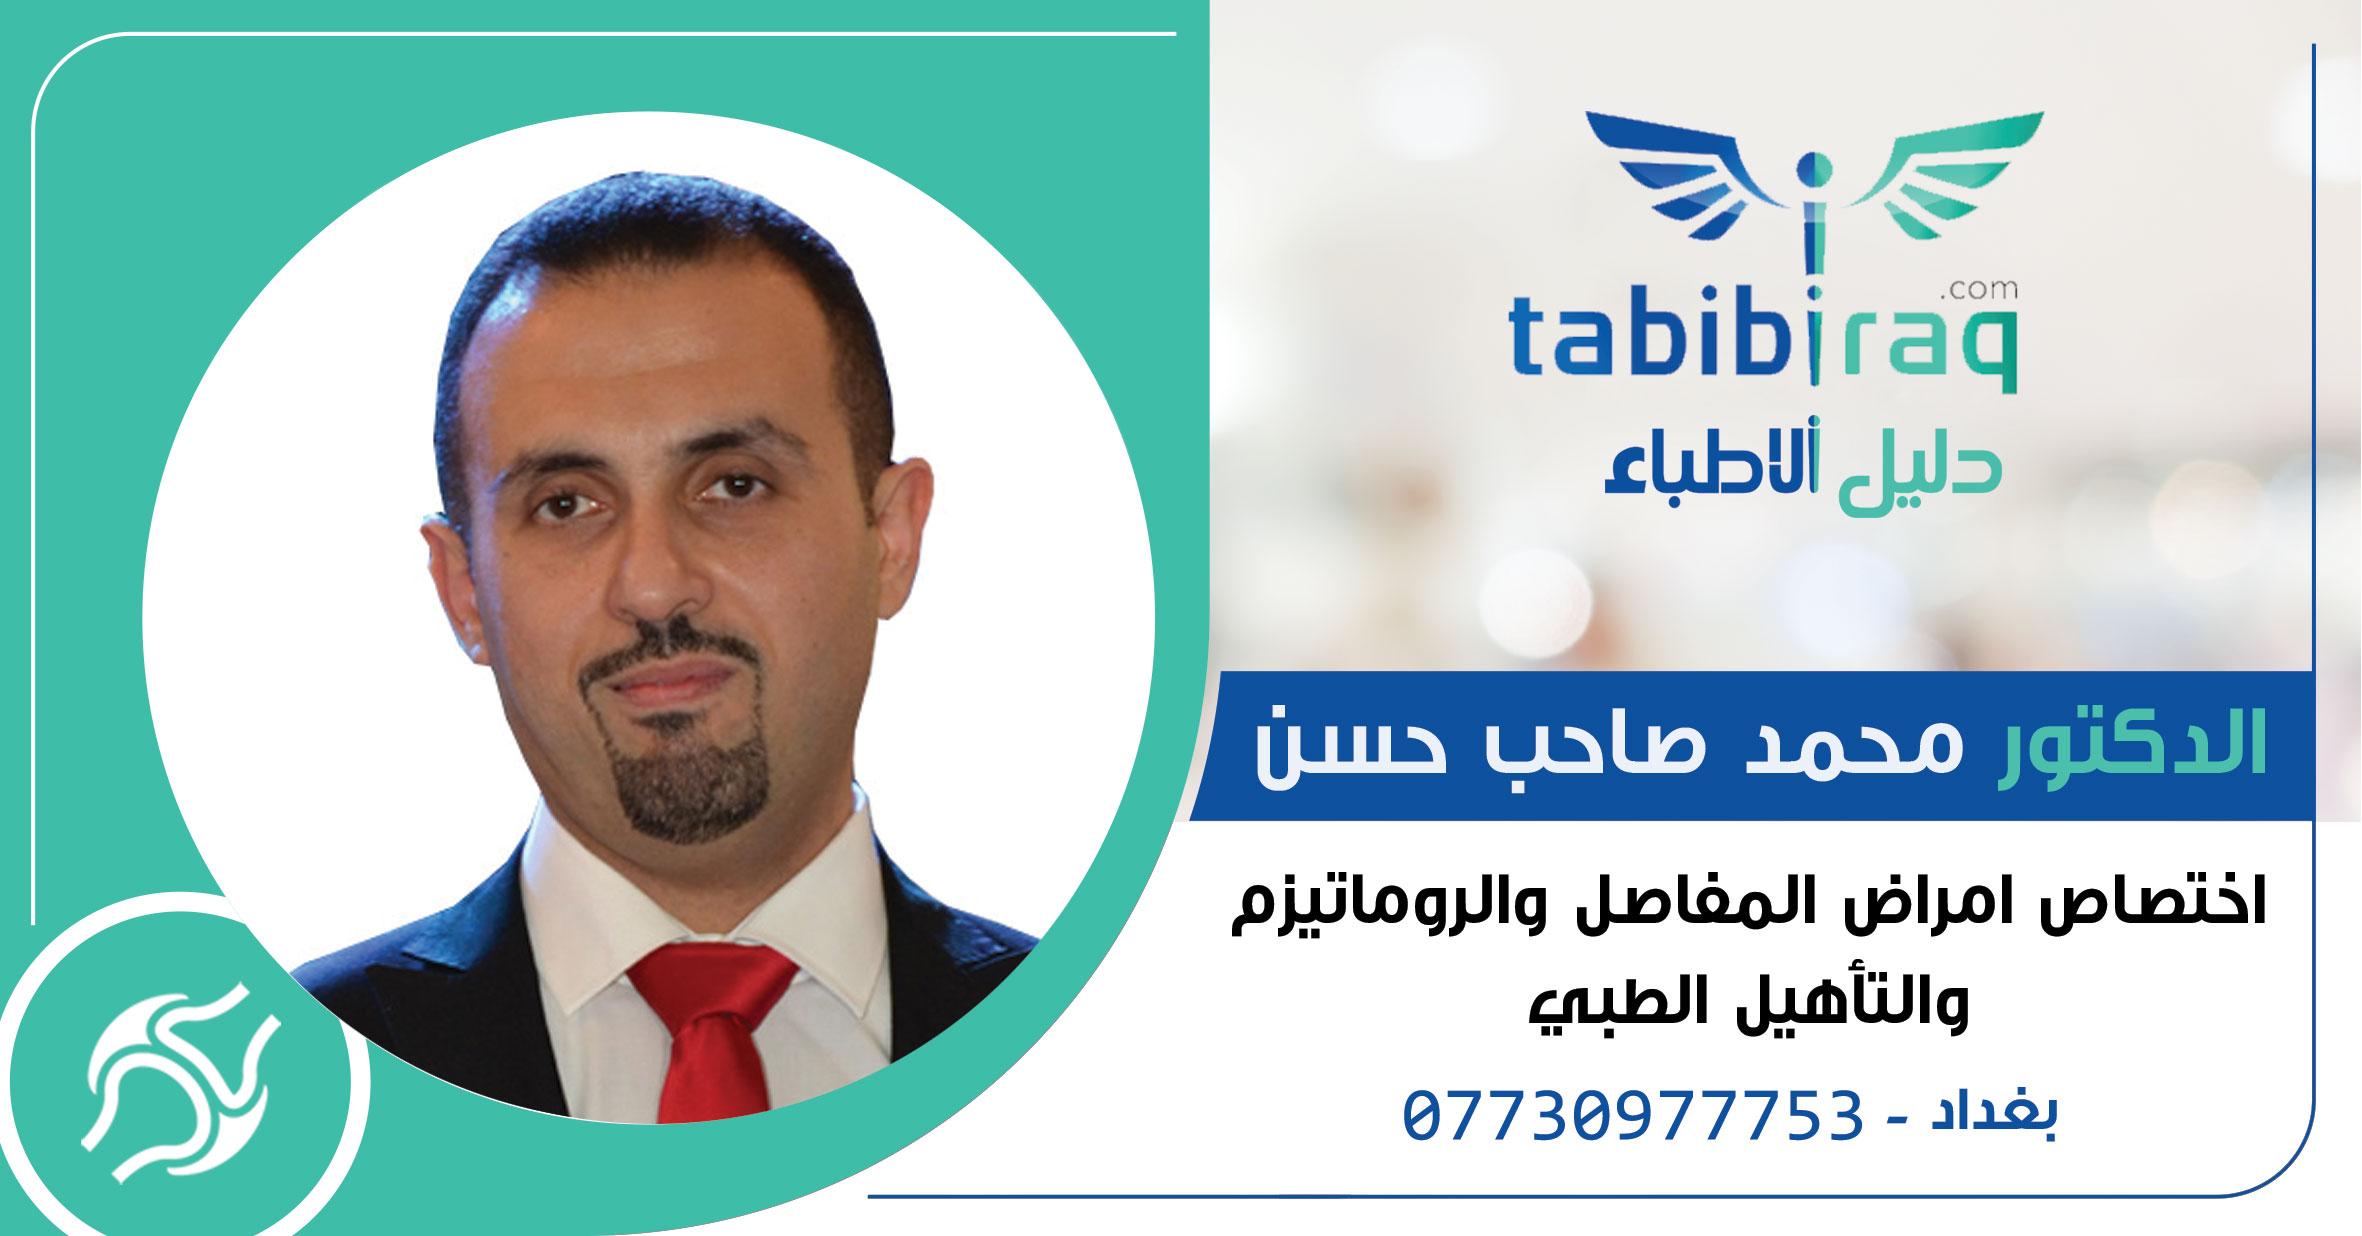 الدكتور محمد صاحب حسن